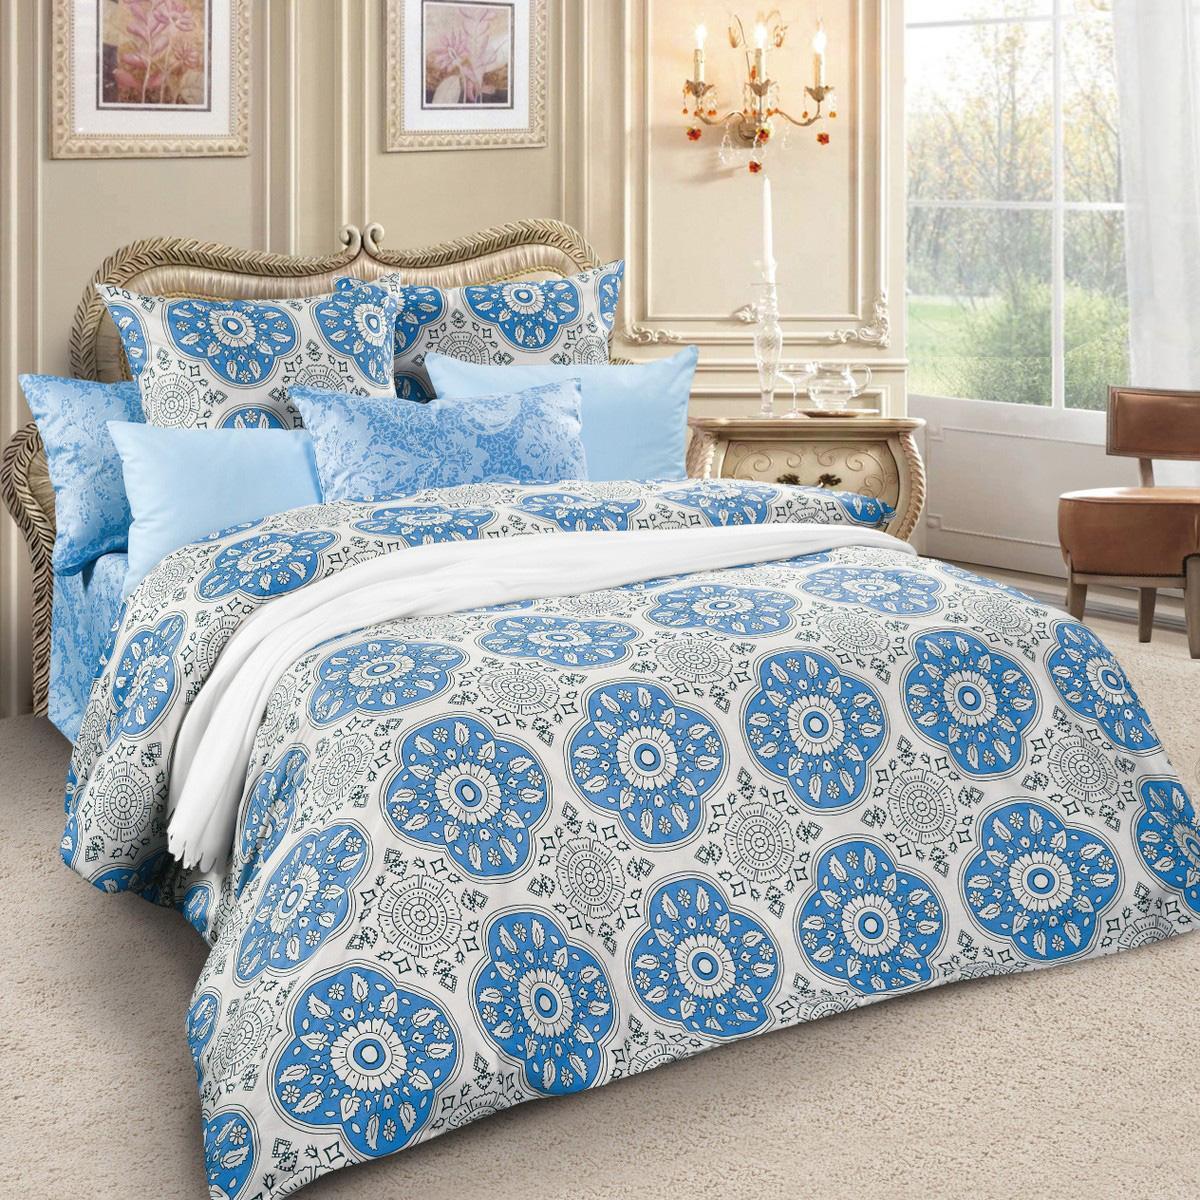 Комплект белья Letto, семейный, наволочки 70х70, цвет: серый, голубой. sm61-7